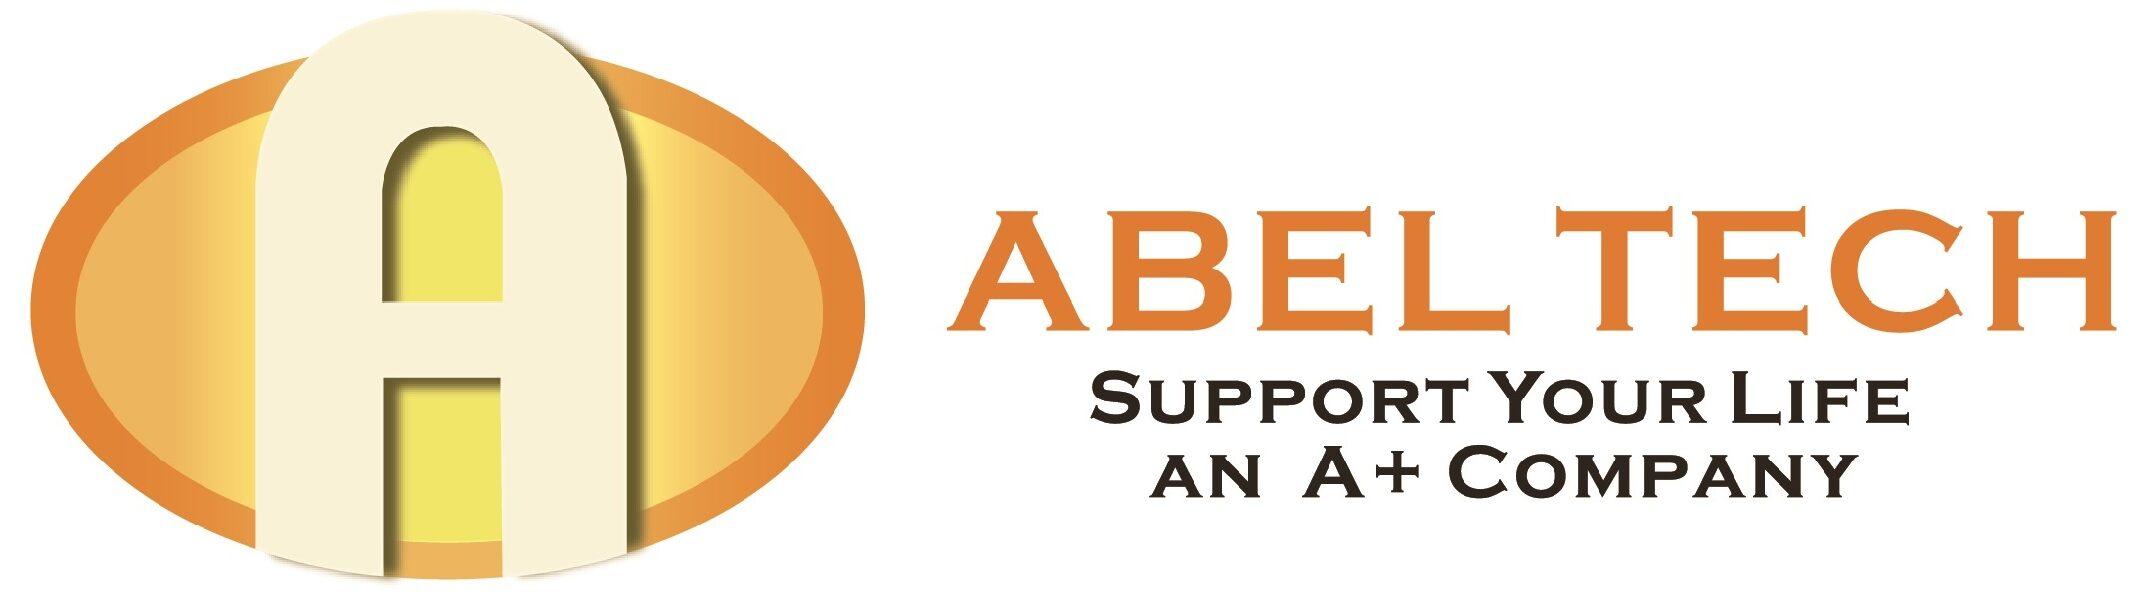 Abeltech-楷伸科技有限公司